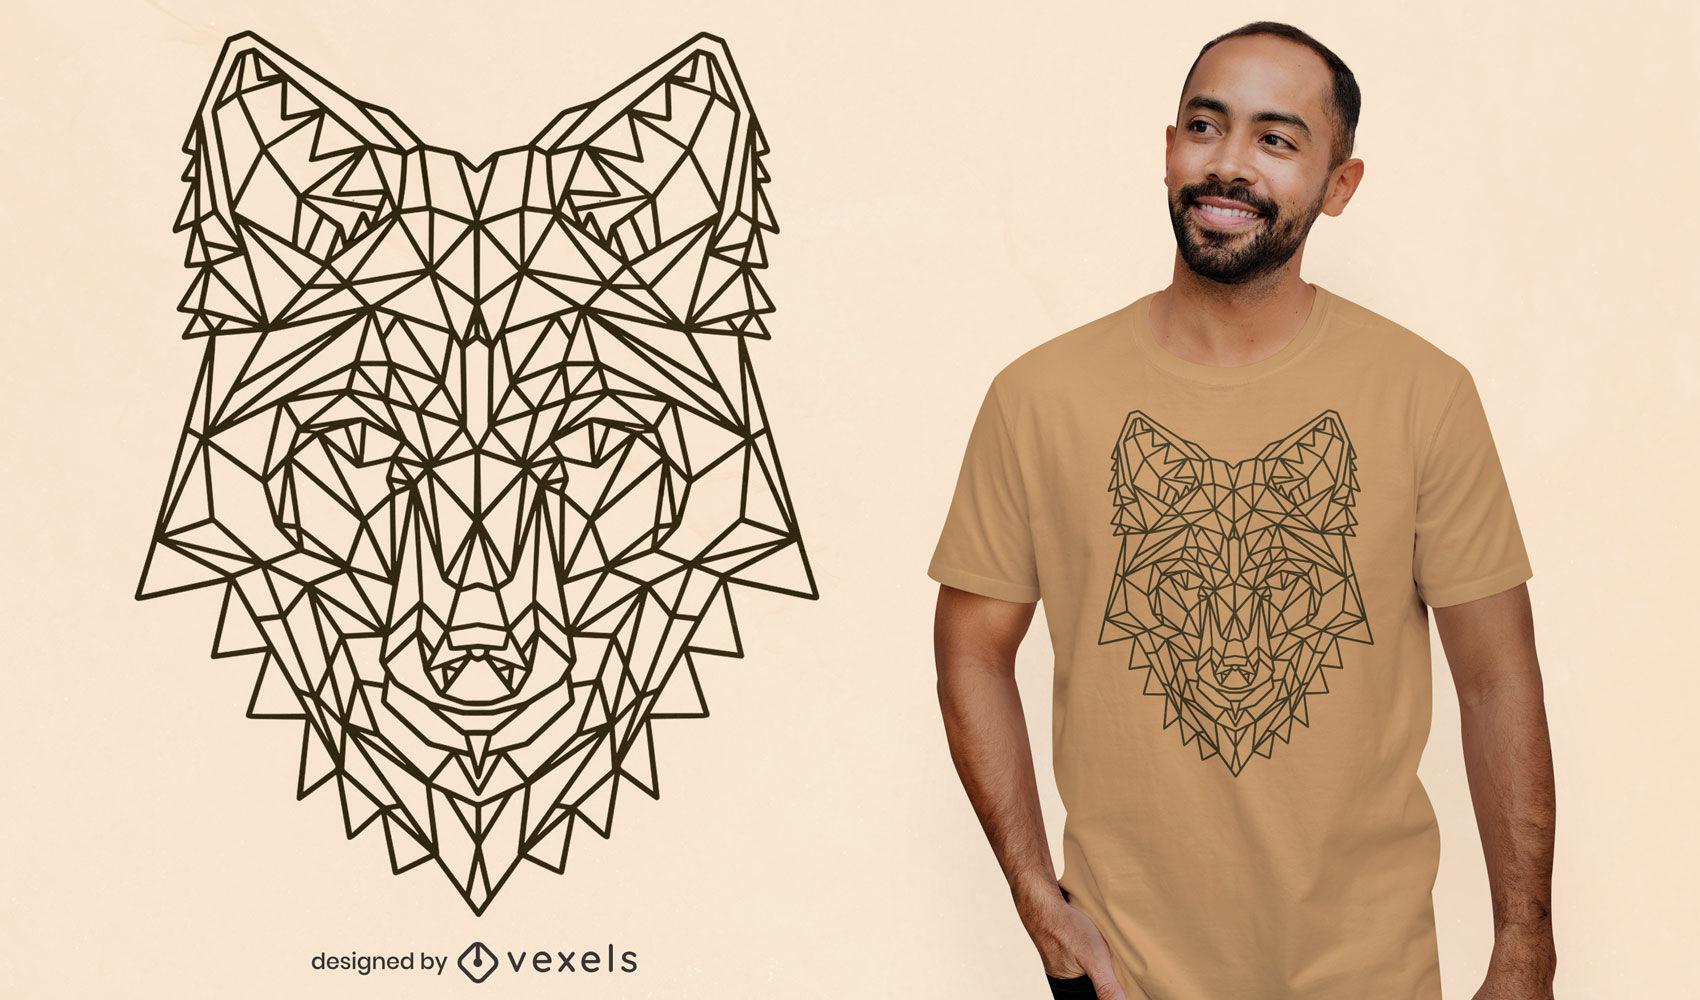 Diseño de camiseta de zorro de trazo poligonal.